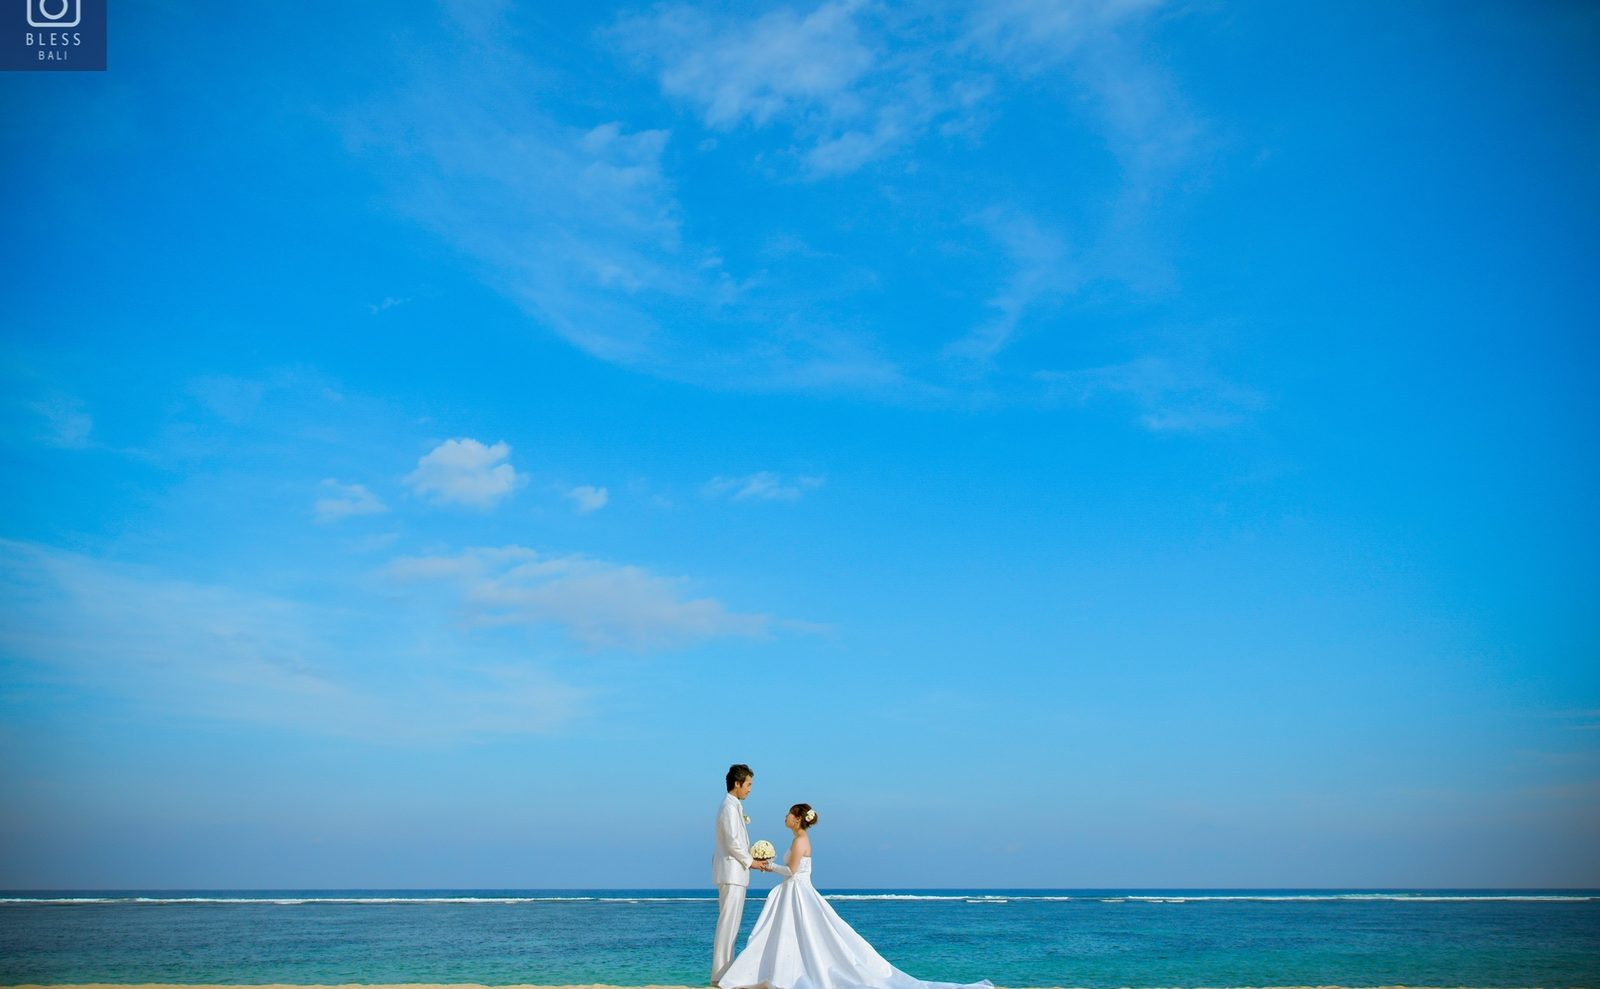 【お客様レポ#218】ヌサドゥアビーチ&ジンバランビーチで撮影!K&S様のウェディングフォト